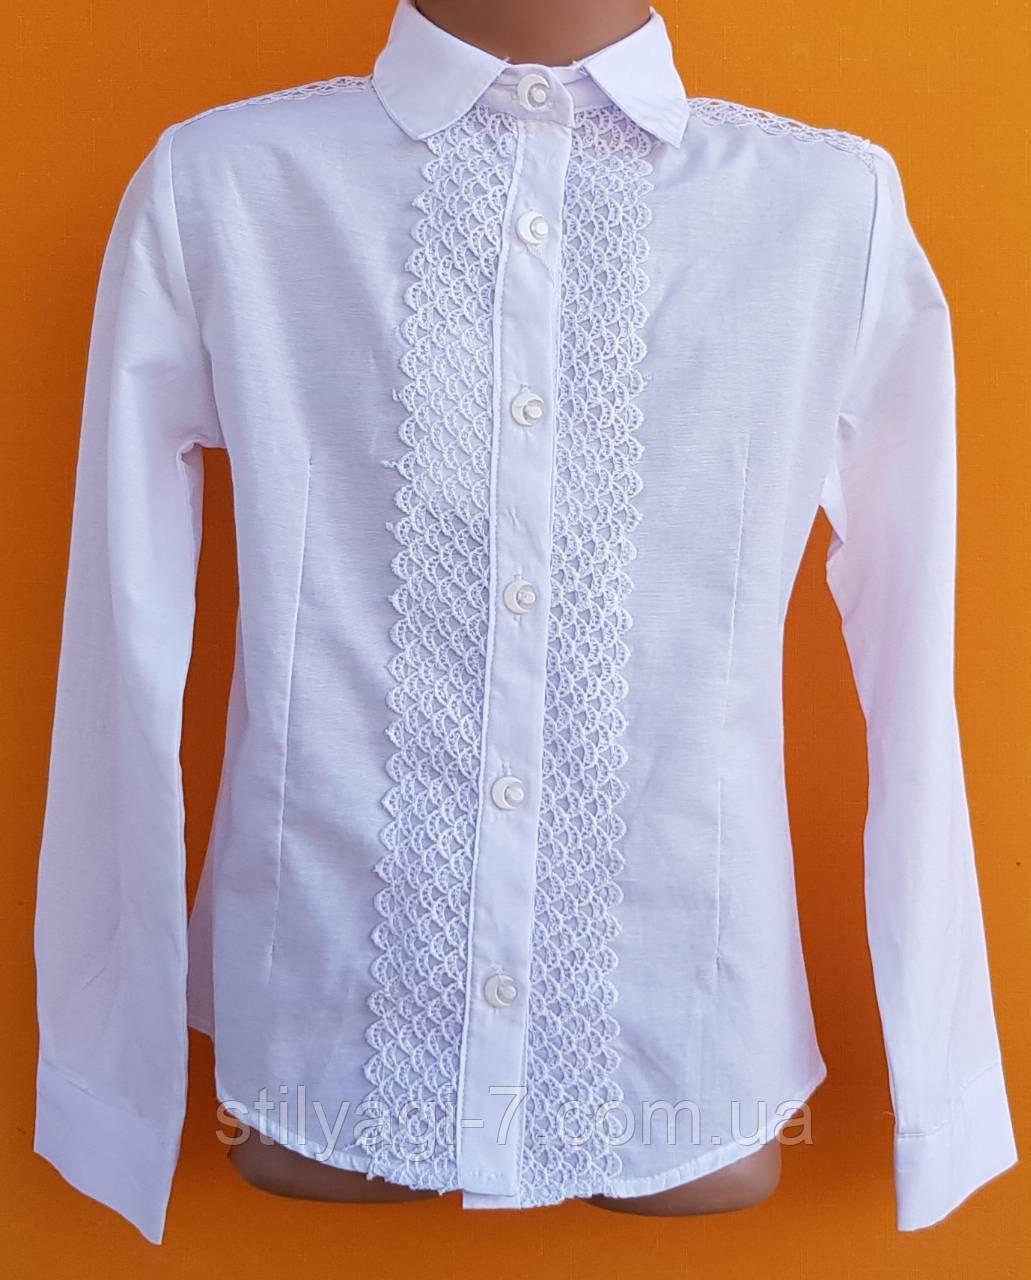 Блузка для девочки 10-13 лет белого цвета с планкой оптом